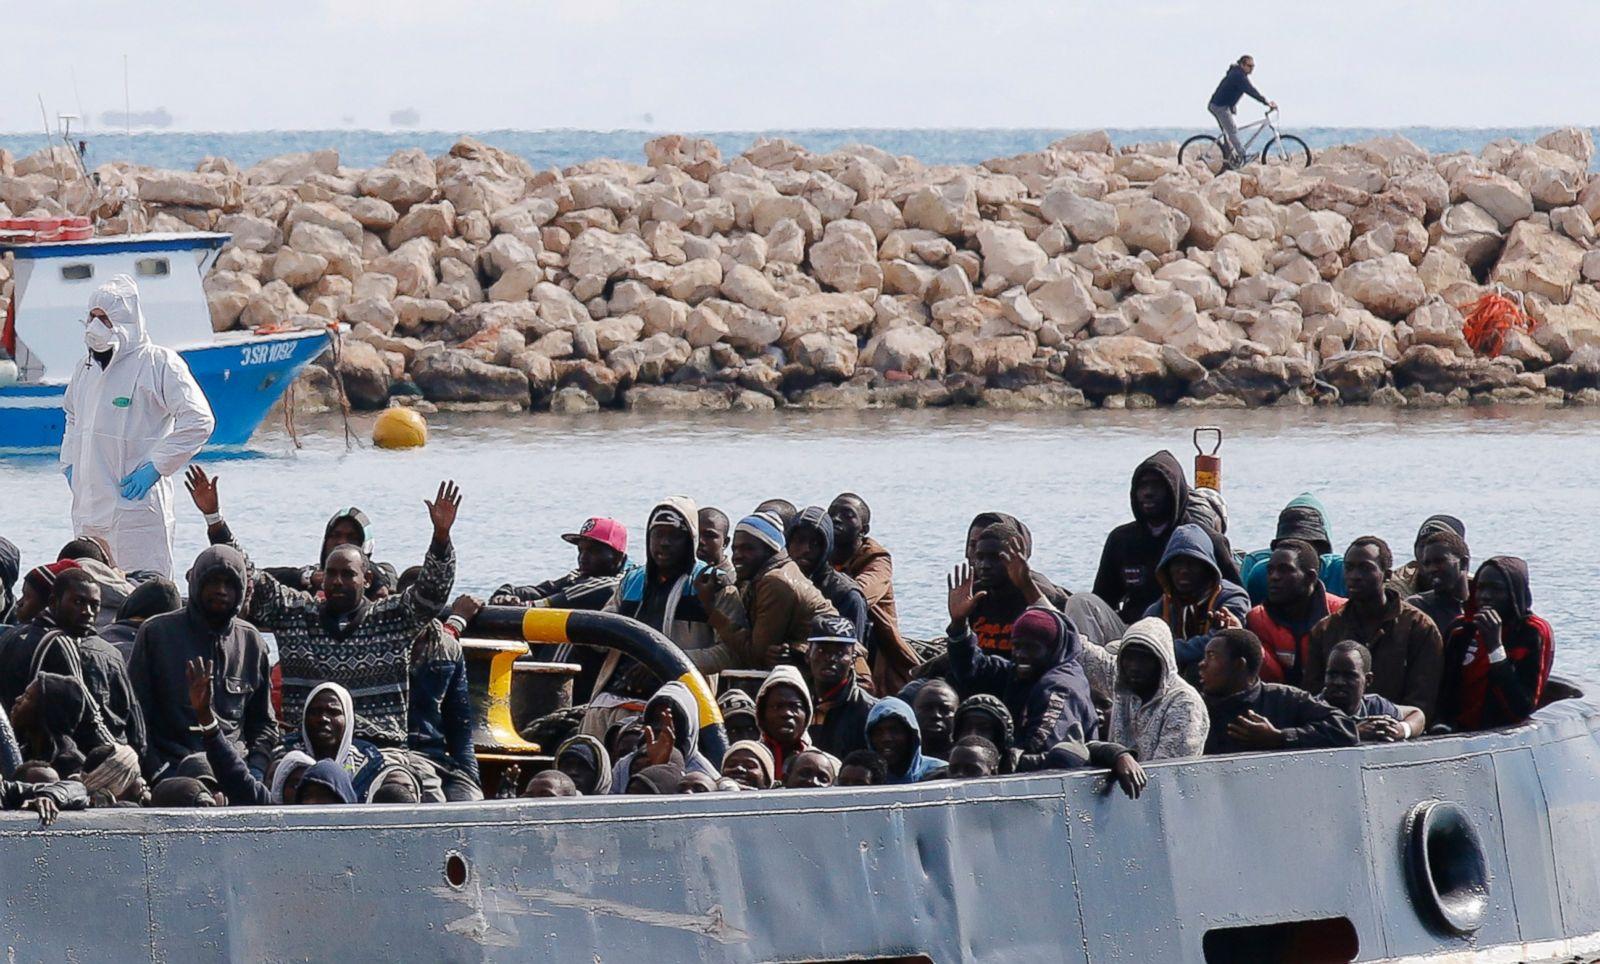 İtalya'dan göçmen çocukları 'devşirme' kararı